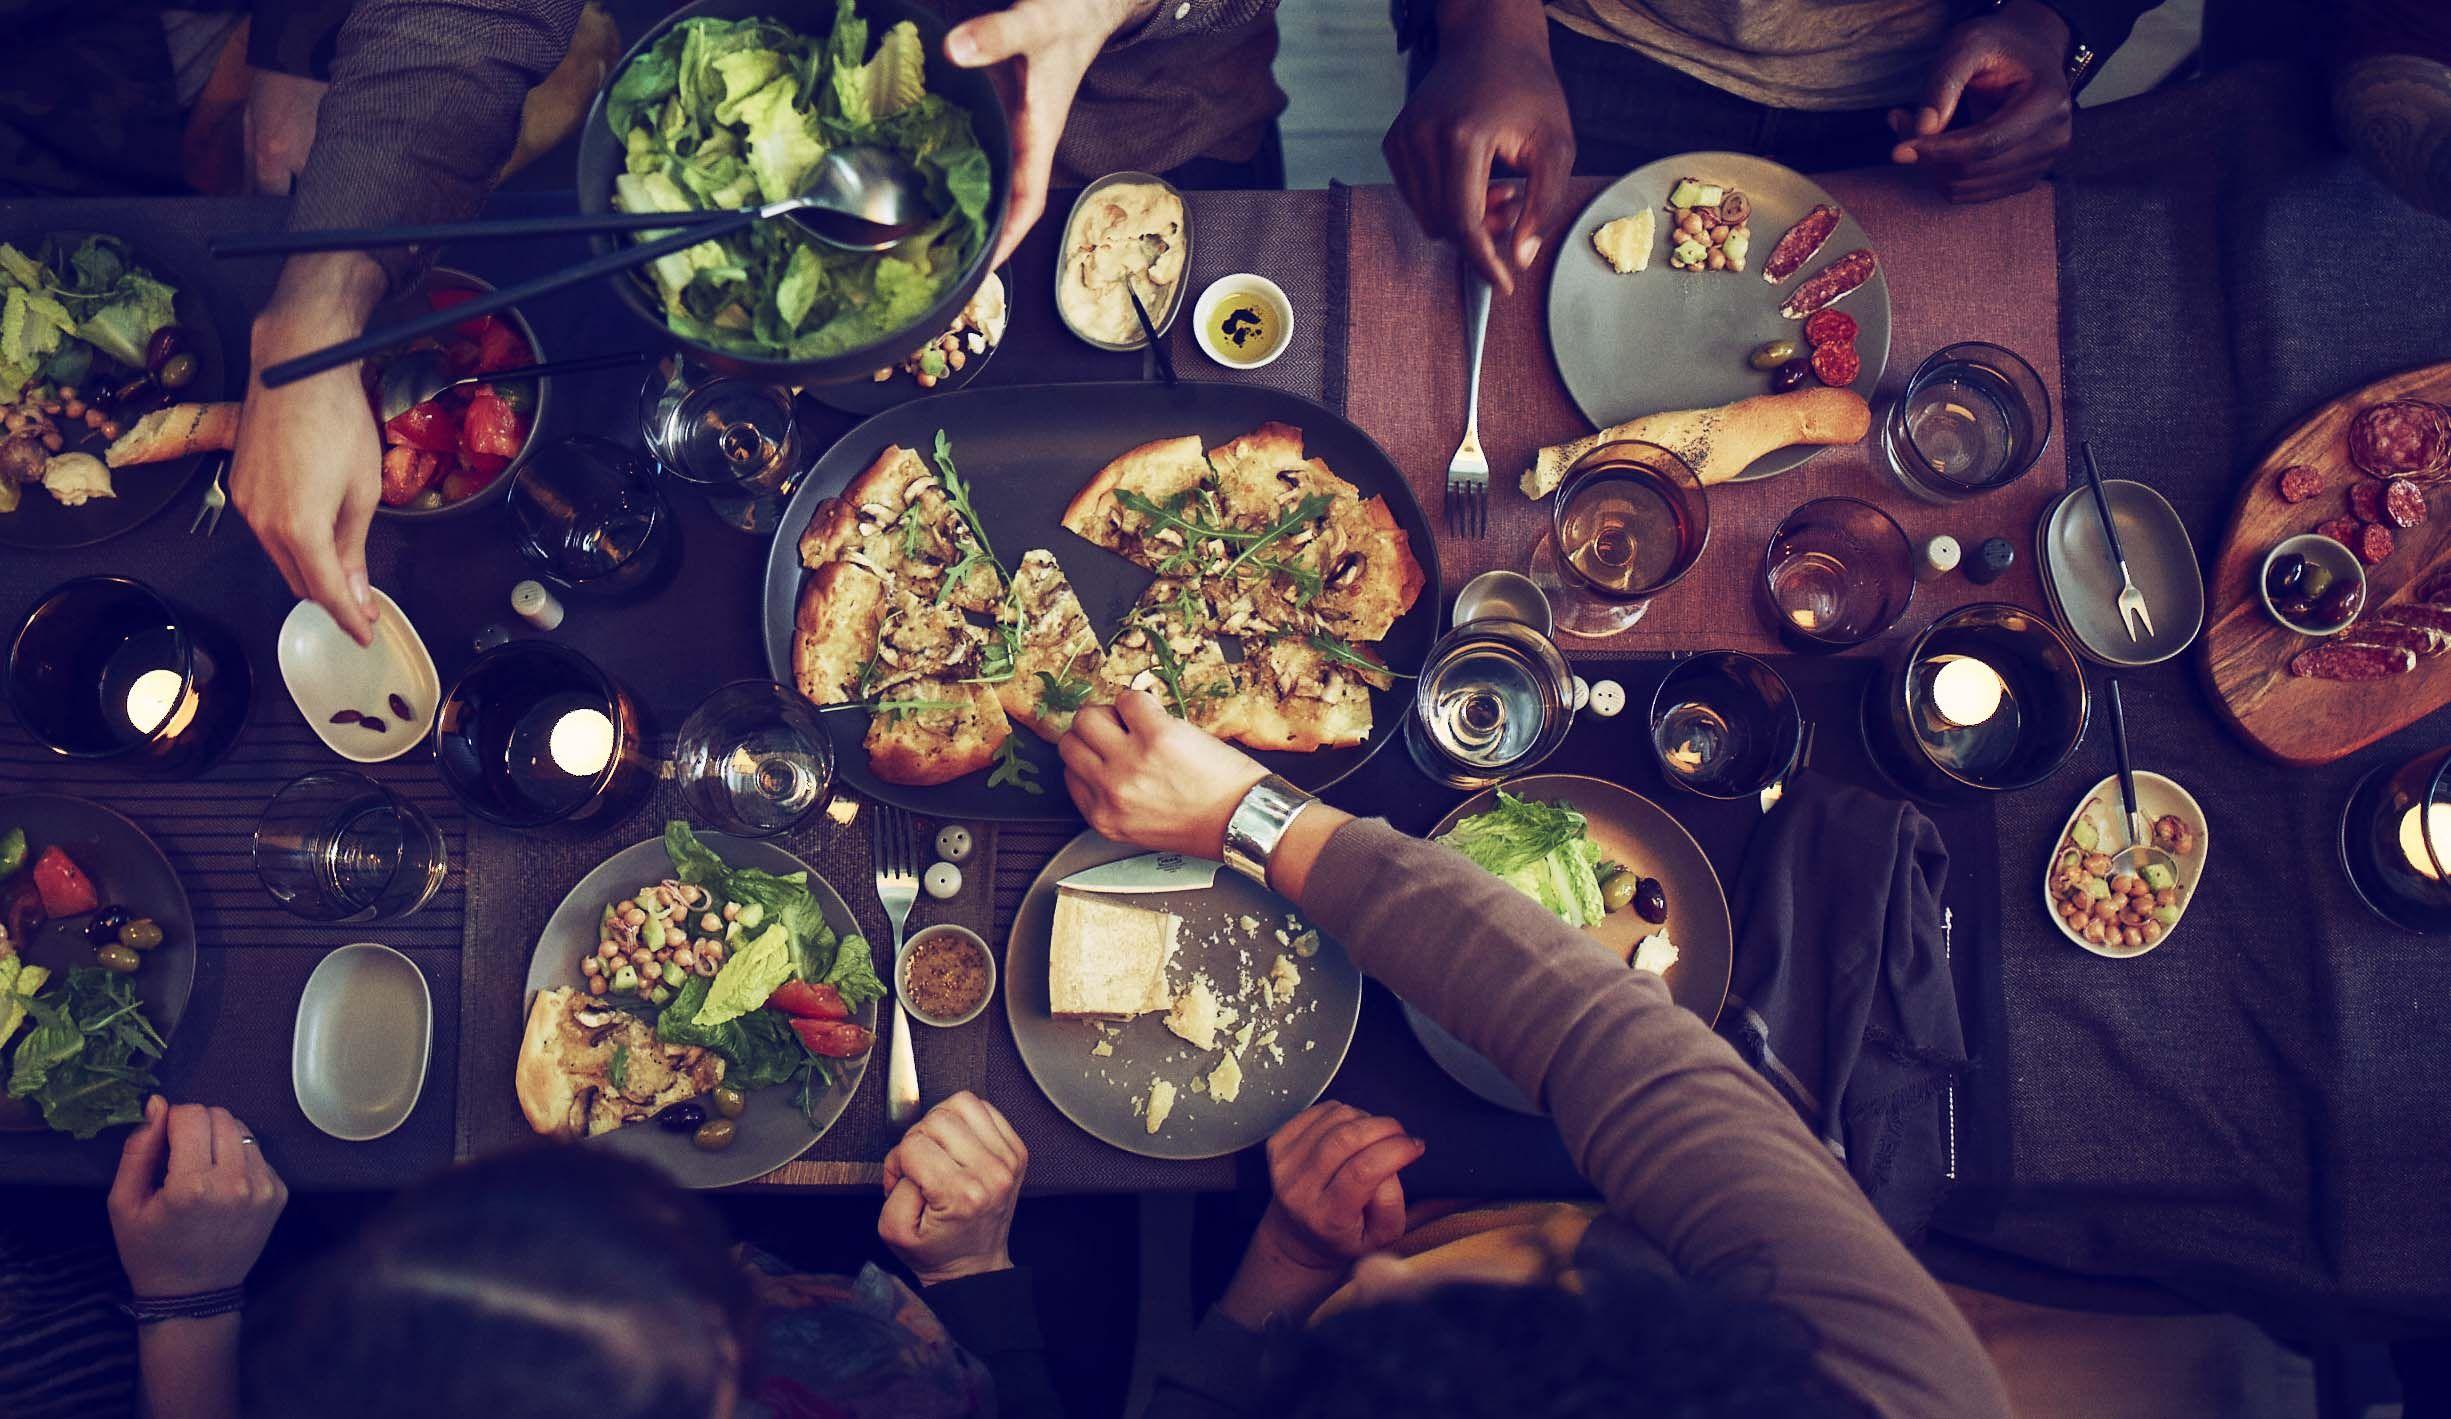 ikea #nouveau #nouveauté #vaisselle #artdelatable #repas #table